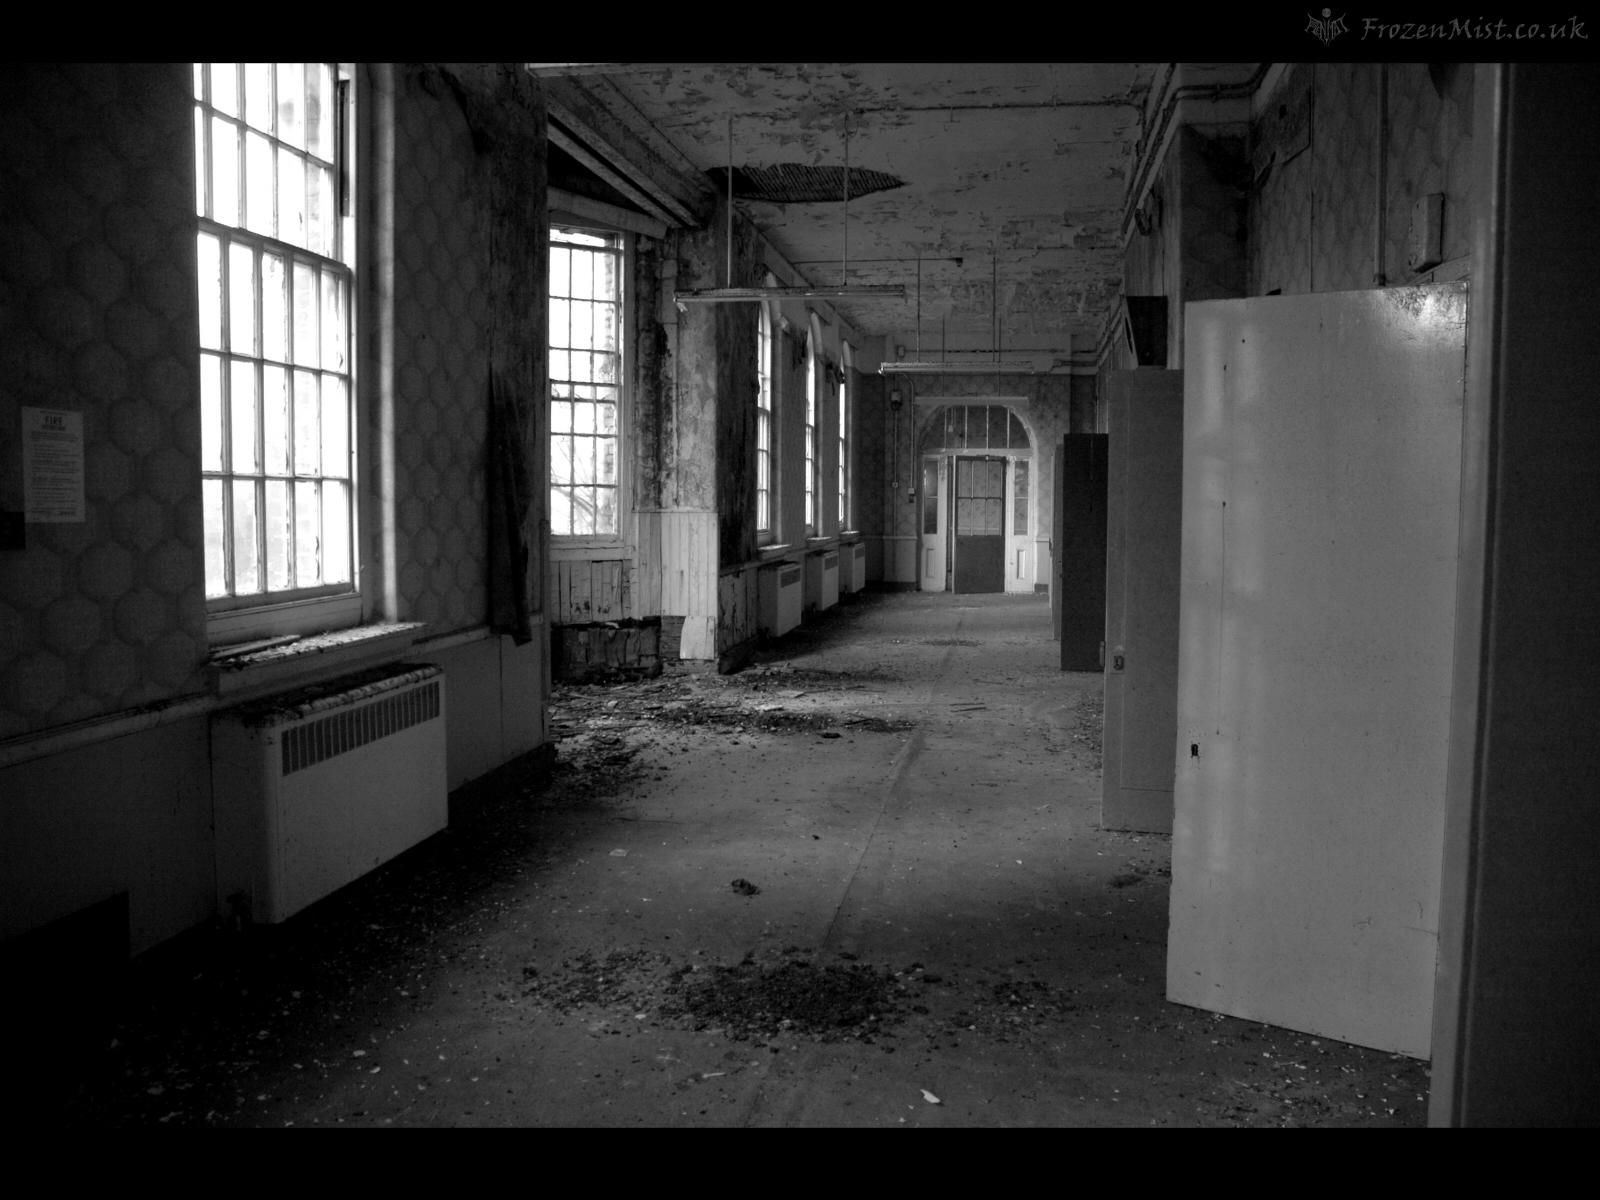 Corridor 1 wallpaper frozenmist - Wallpaper corridor ...